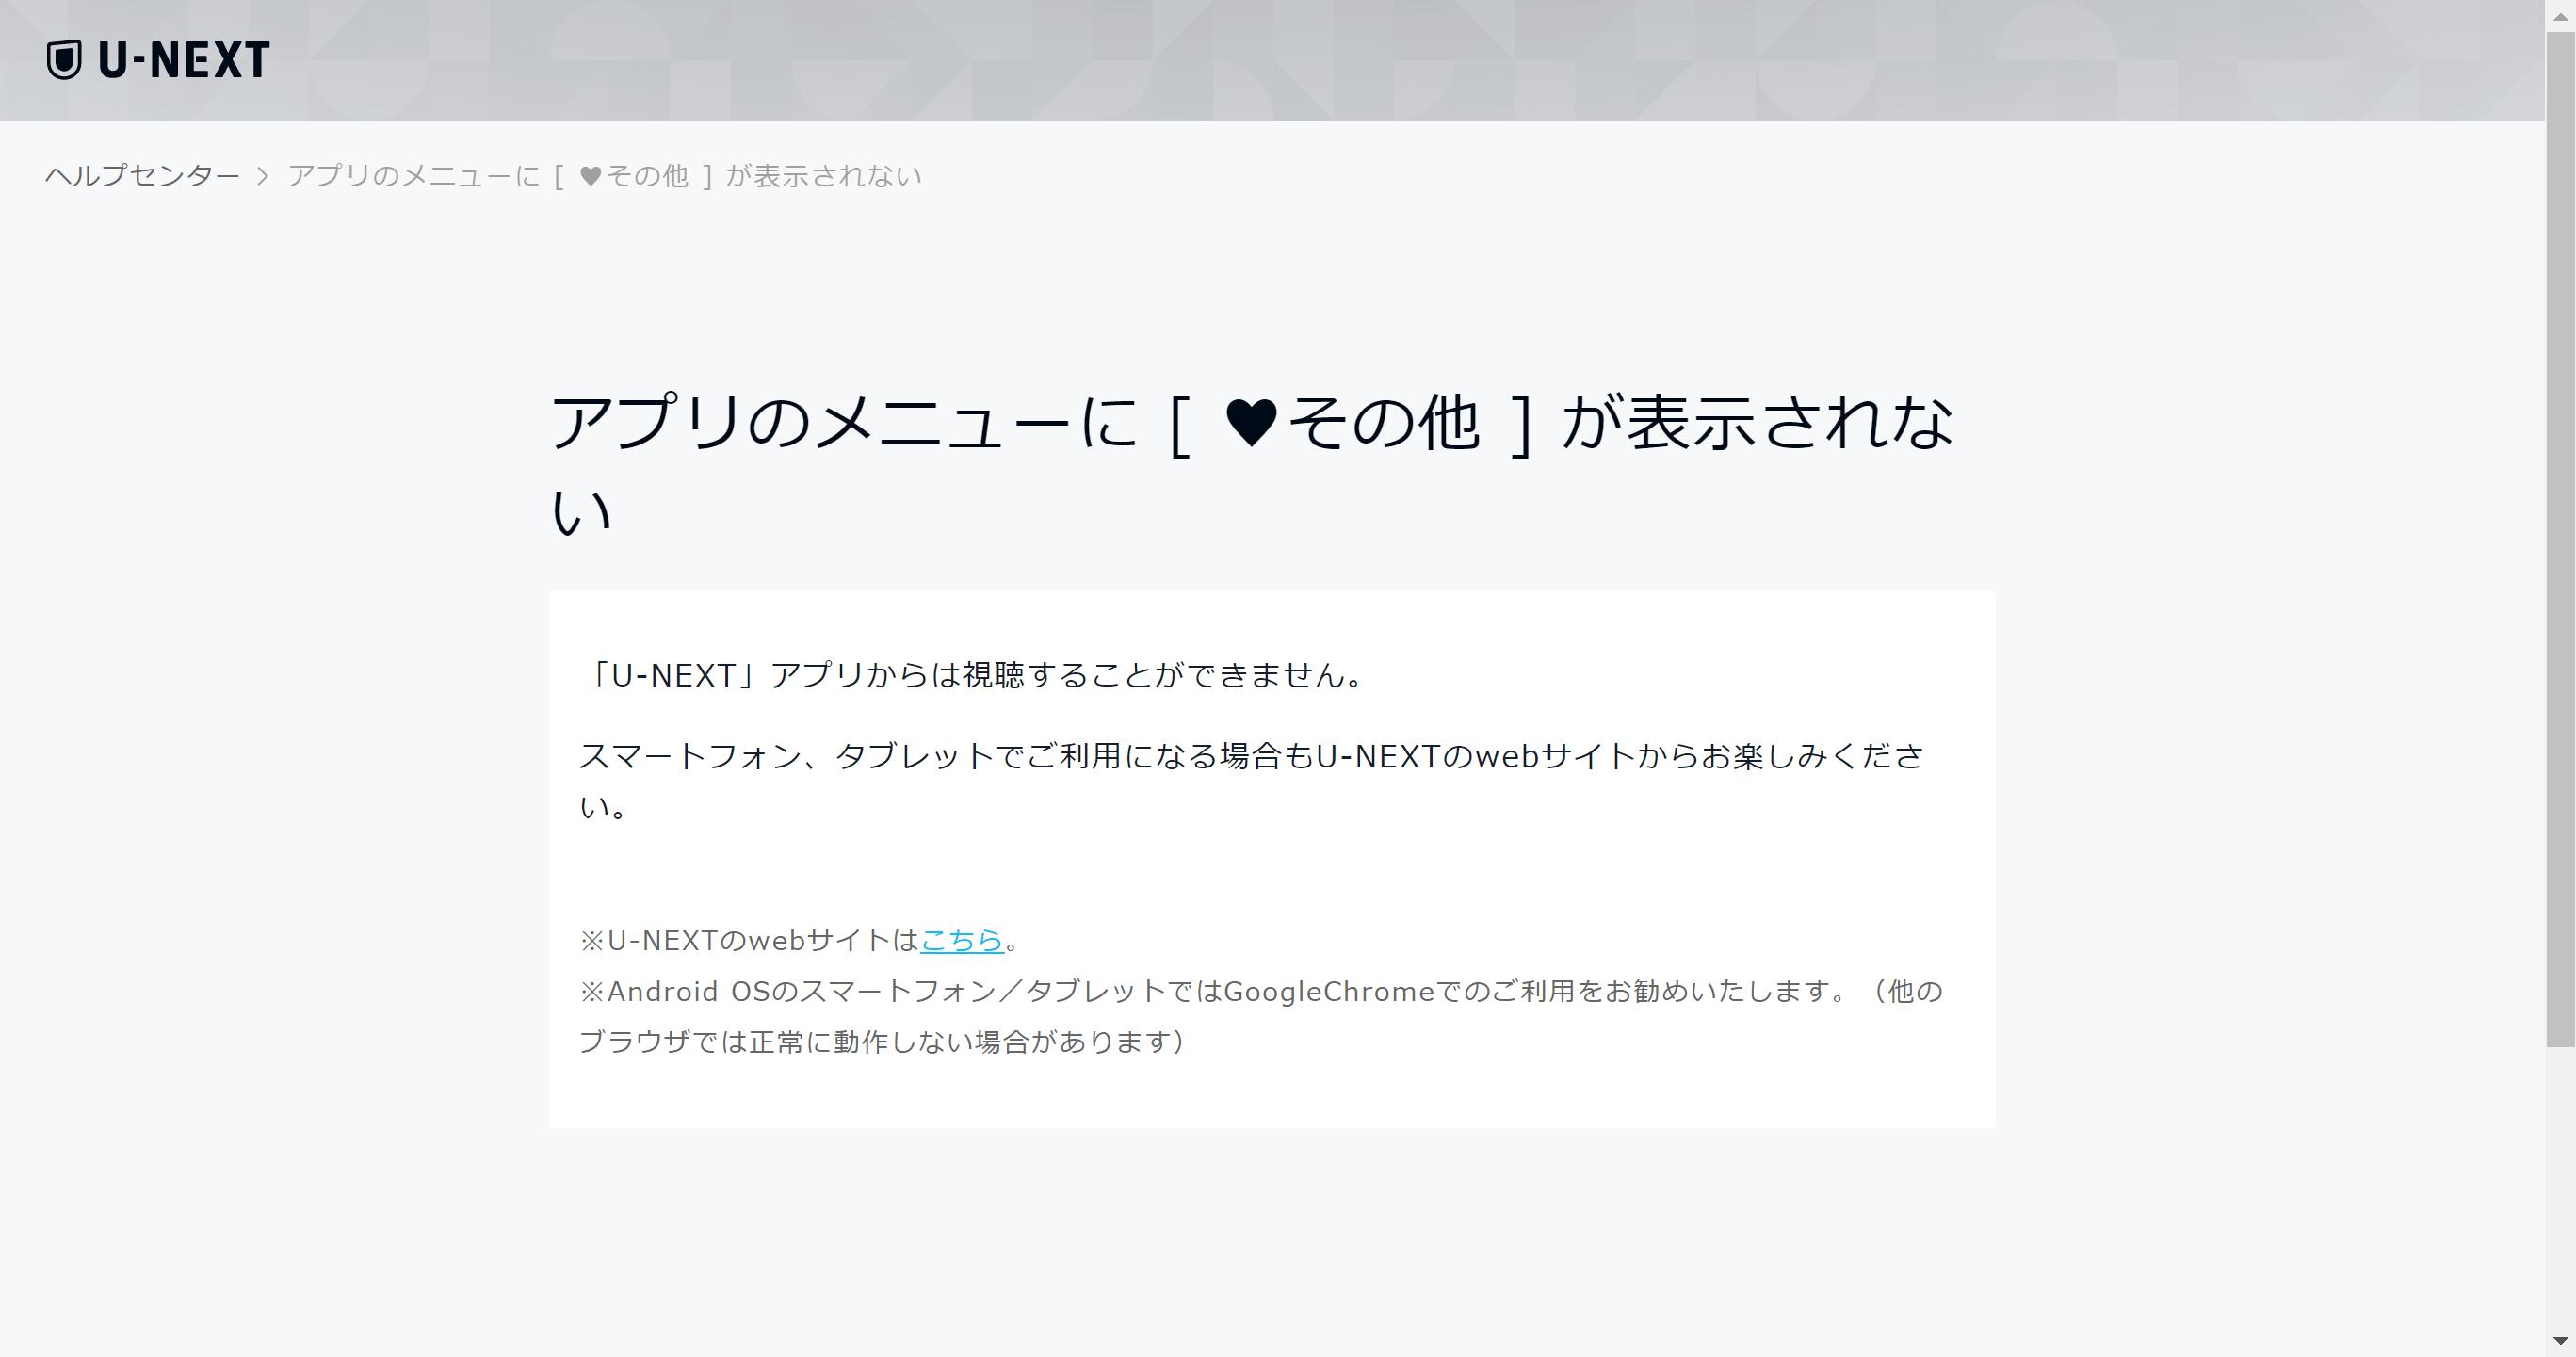 U-NEXTのアプリではその他は表示されない